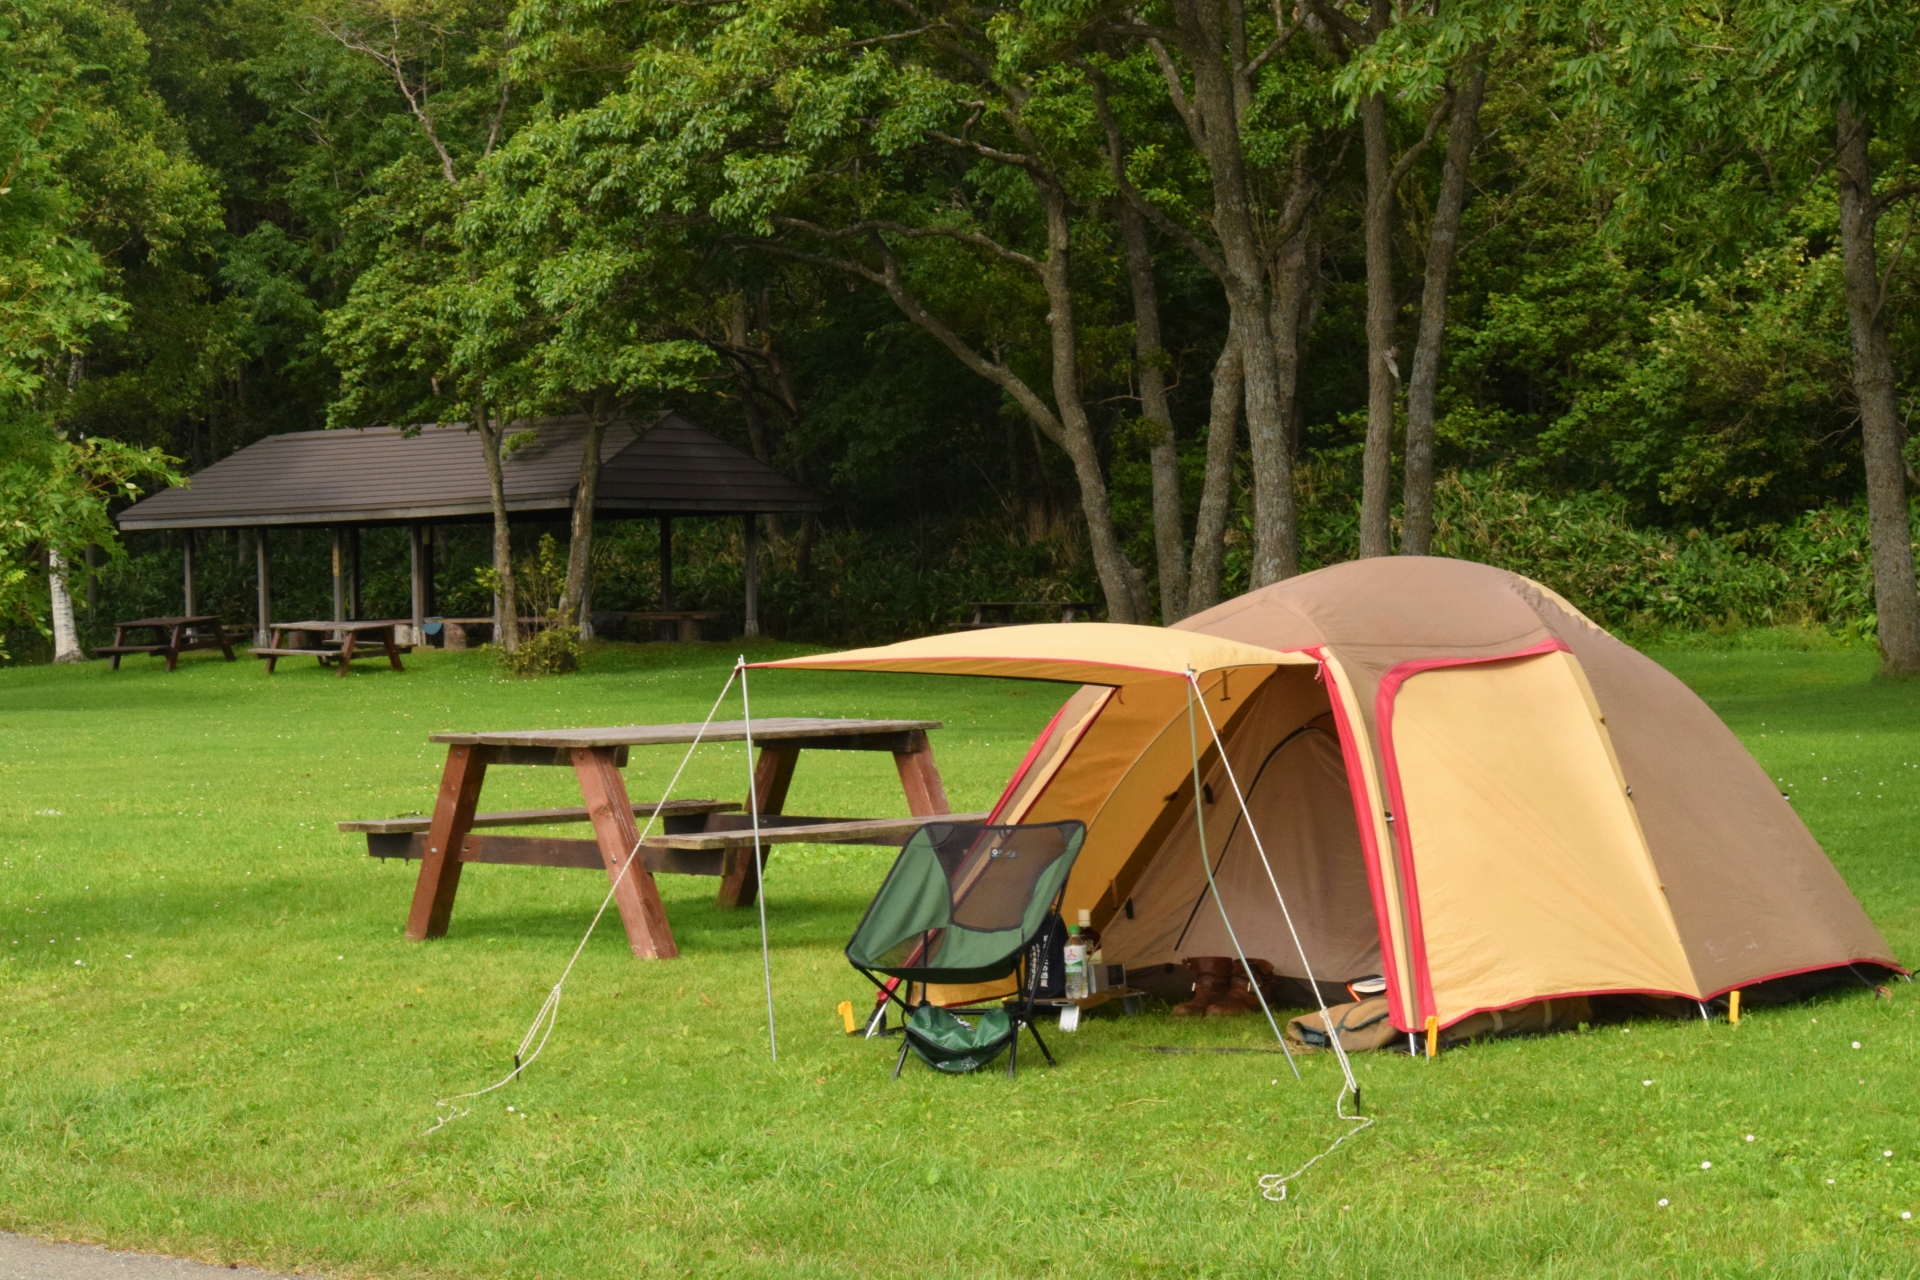 埼玉のキャンプ場ならココ!宿泊もできる人気の施設や穴場情報もあり!